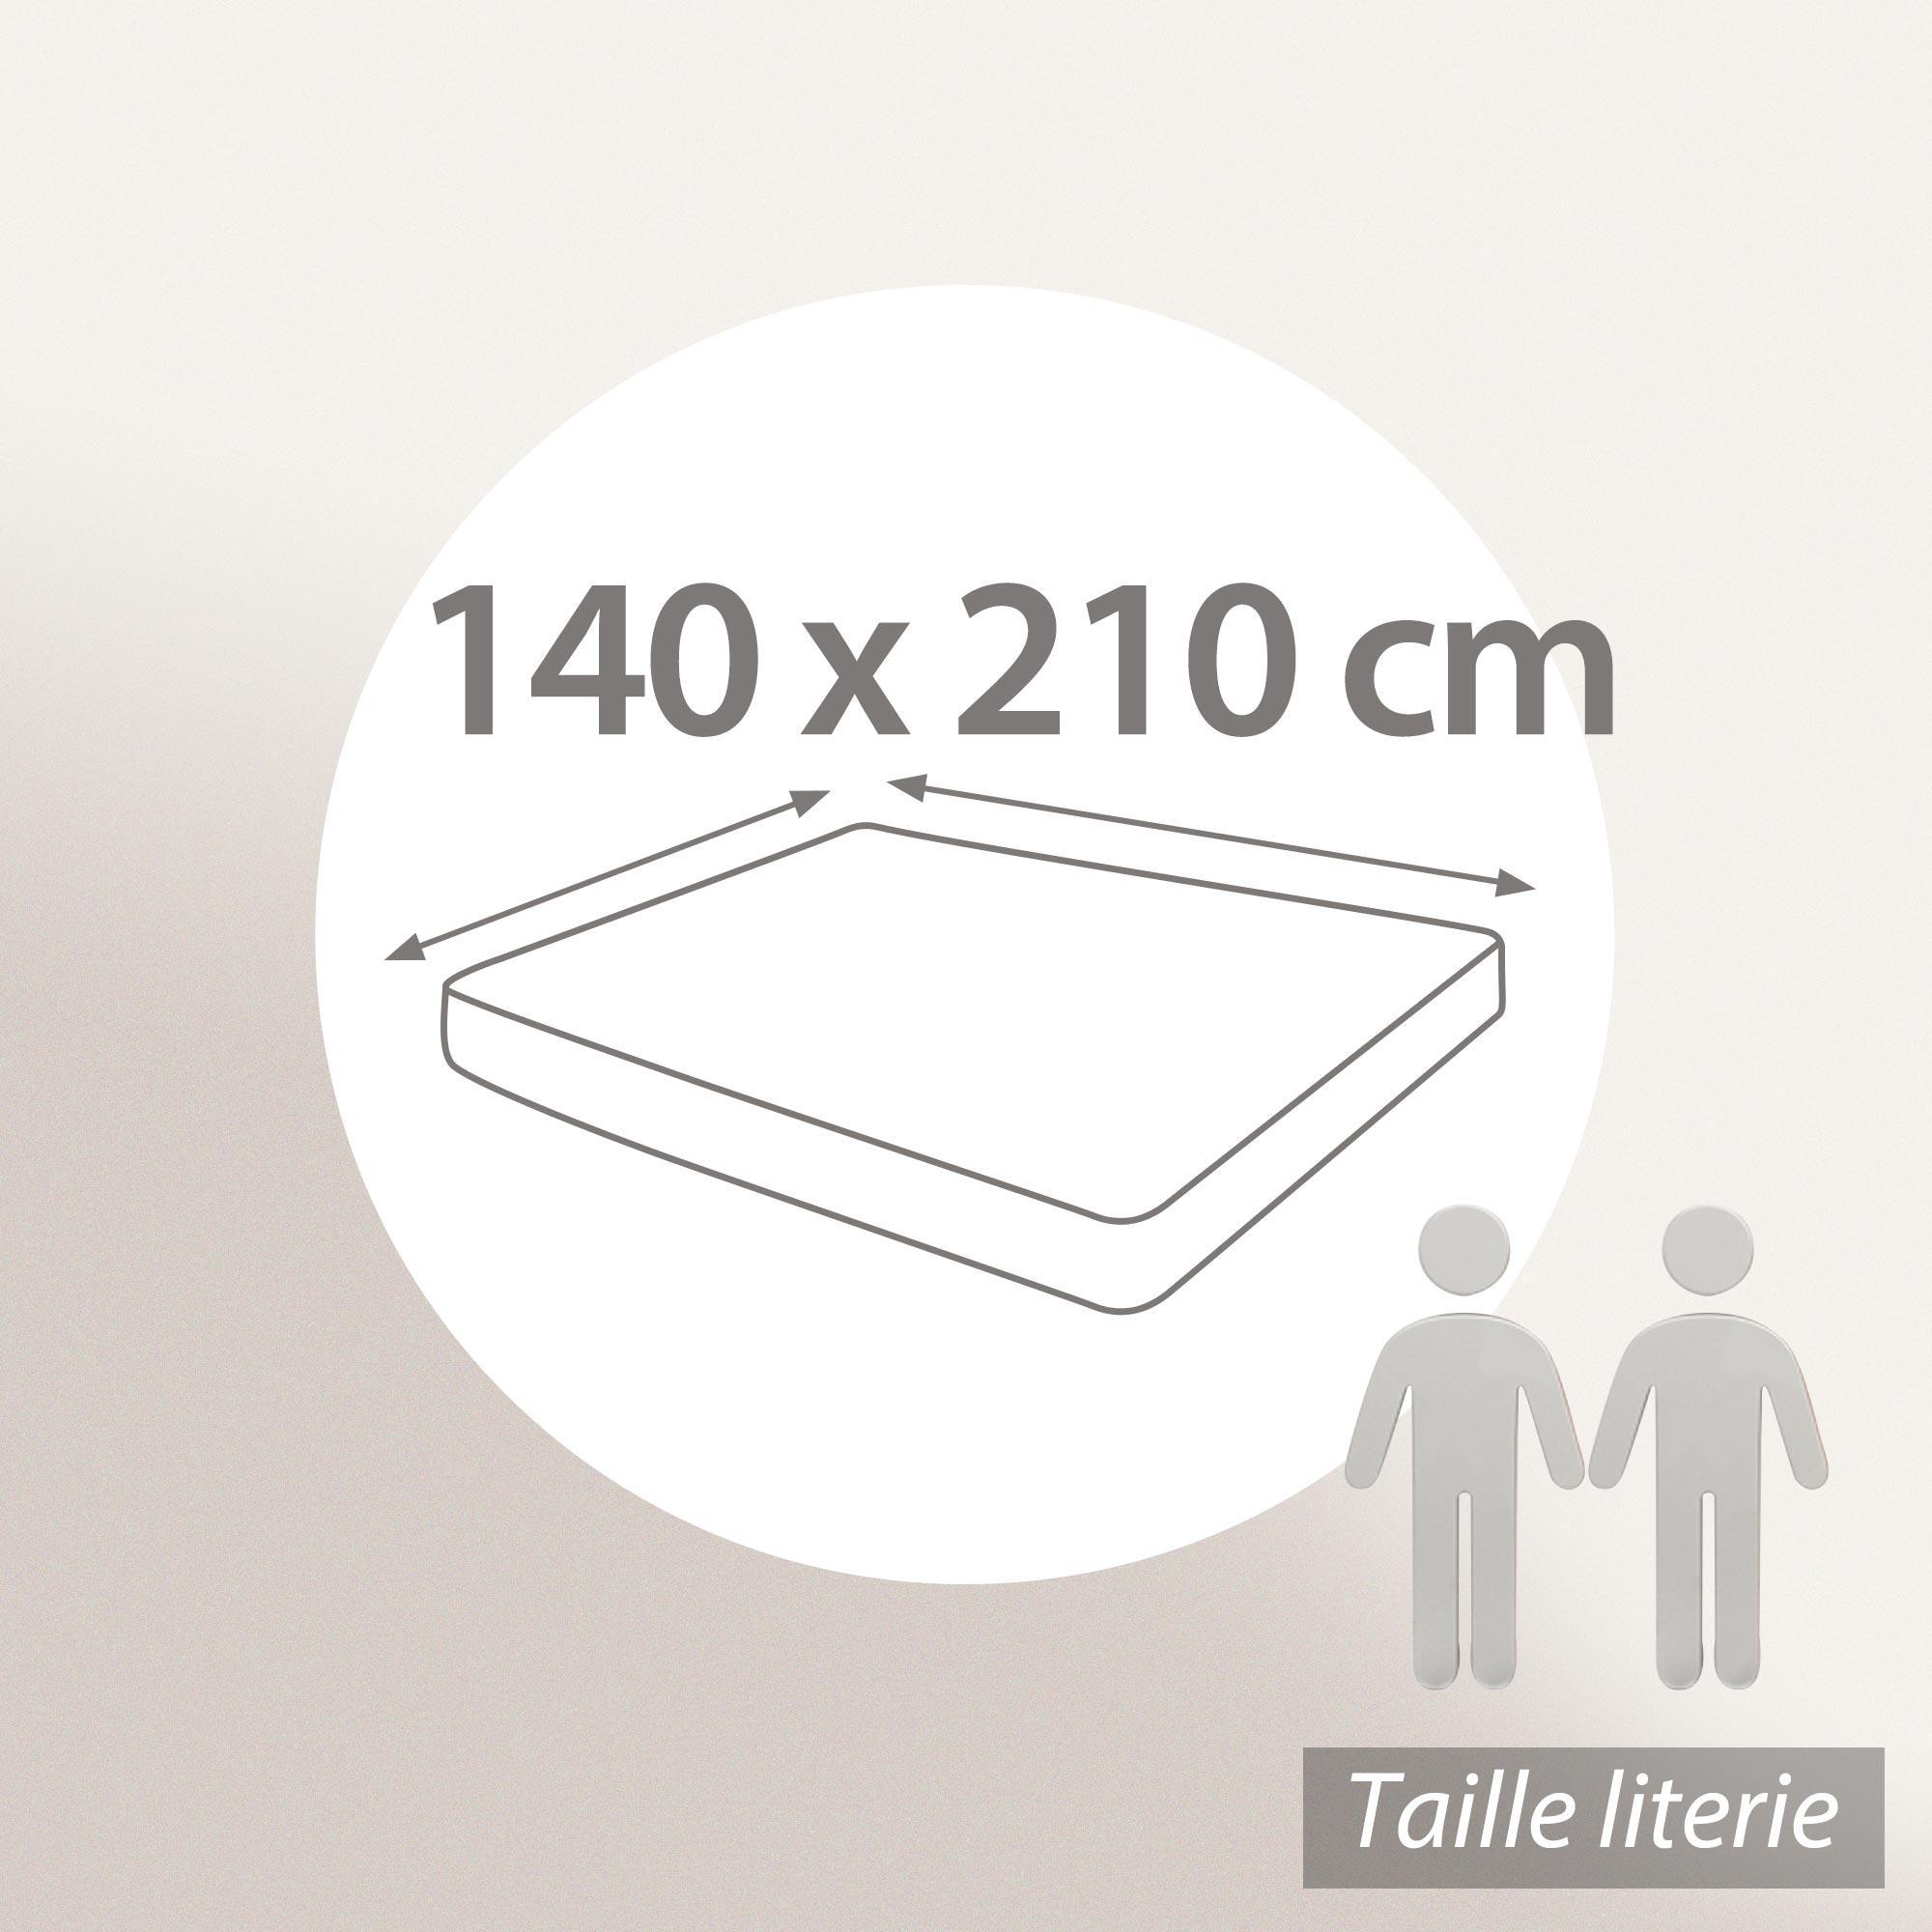 prot ge matelas 140x210 cm achua molleton 100 coton 400 g m2 bonnet 40cm linnea vente de. Black Bedroom Furniture Sets. Home Design Ideas